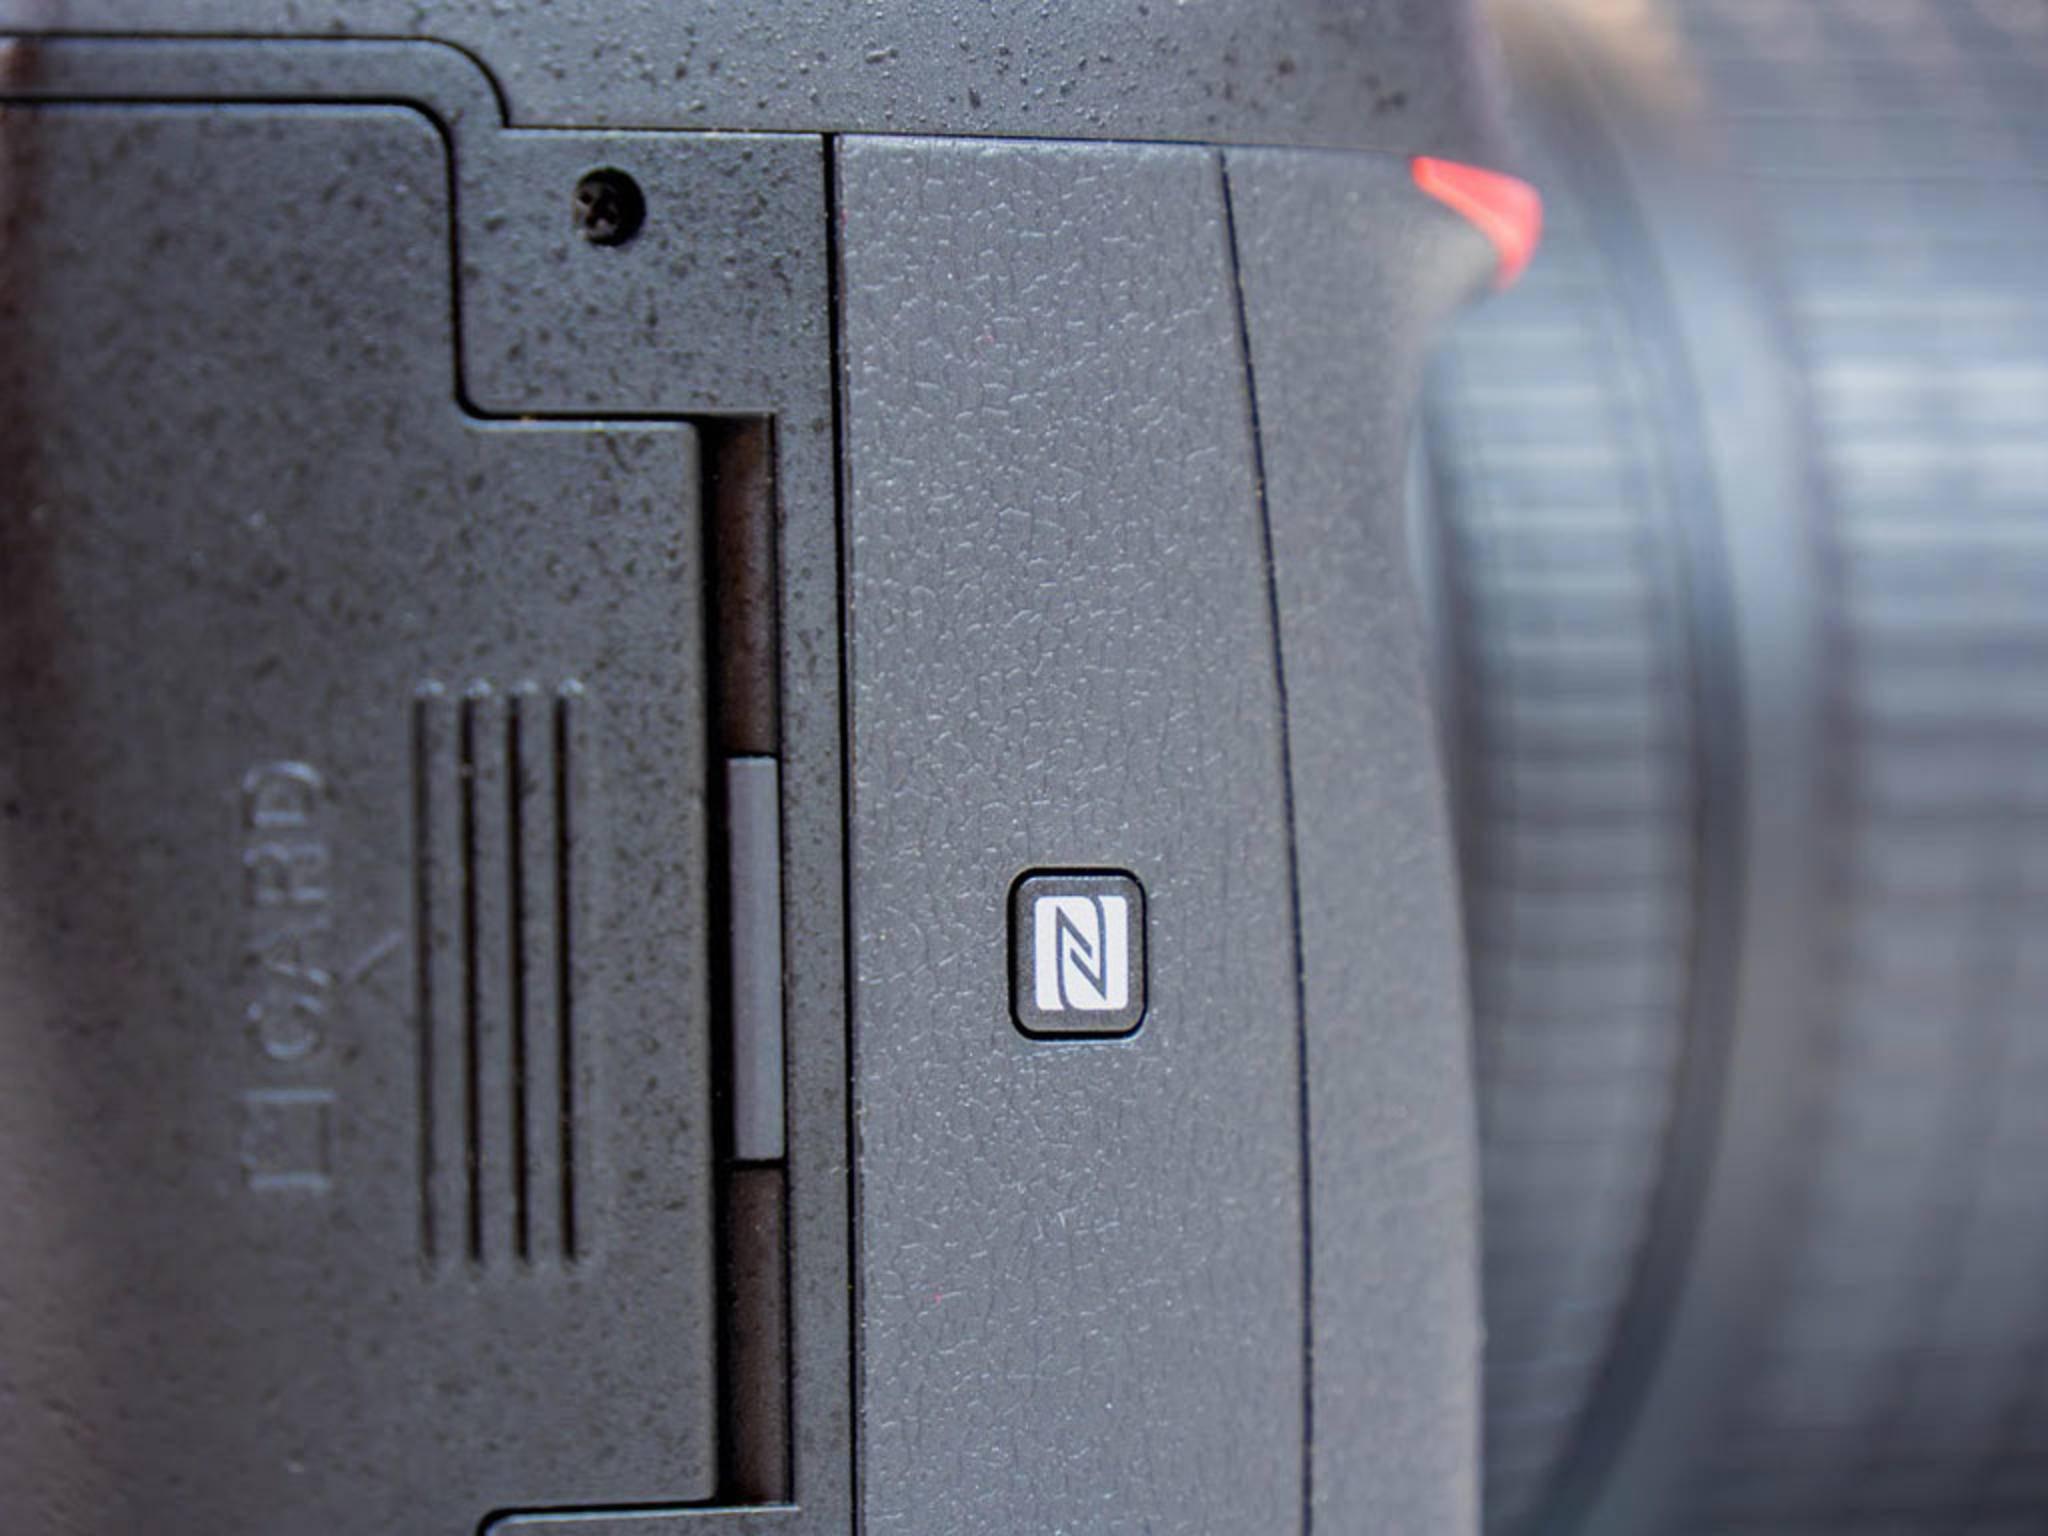 Die NFC-Antenne befindet sich im Griff, was an diesem Symbol zu erkennen ist.